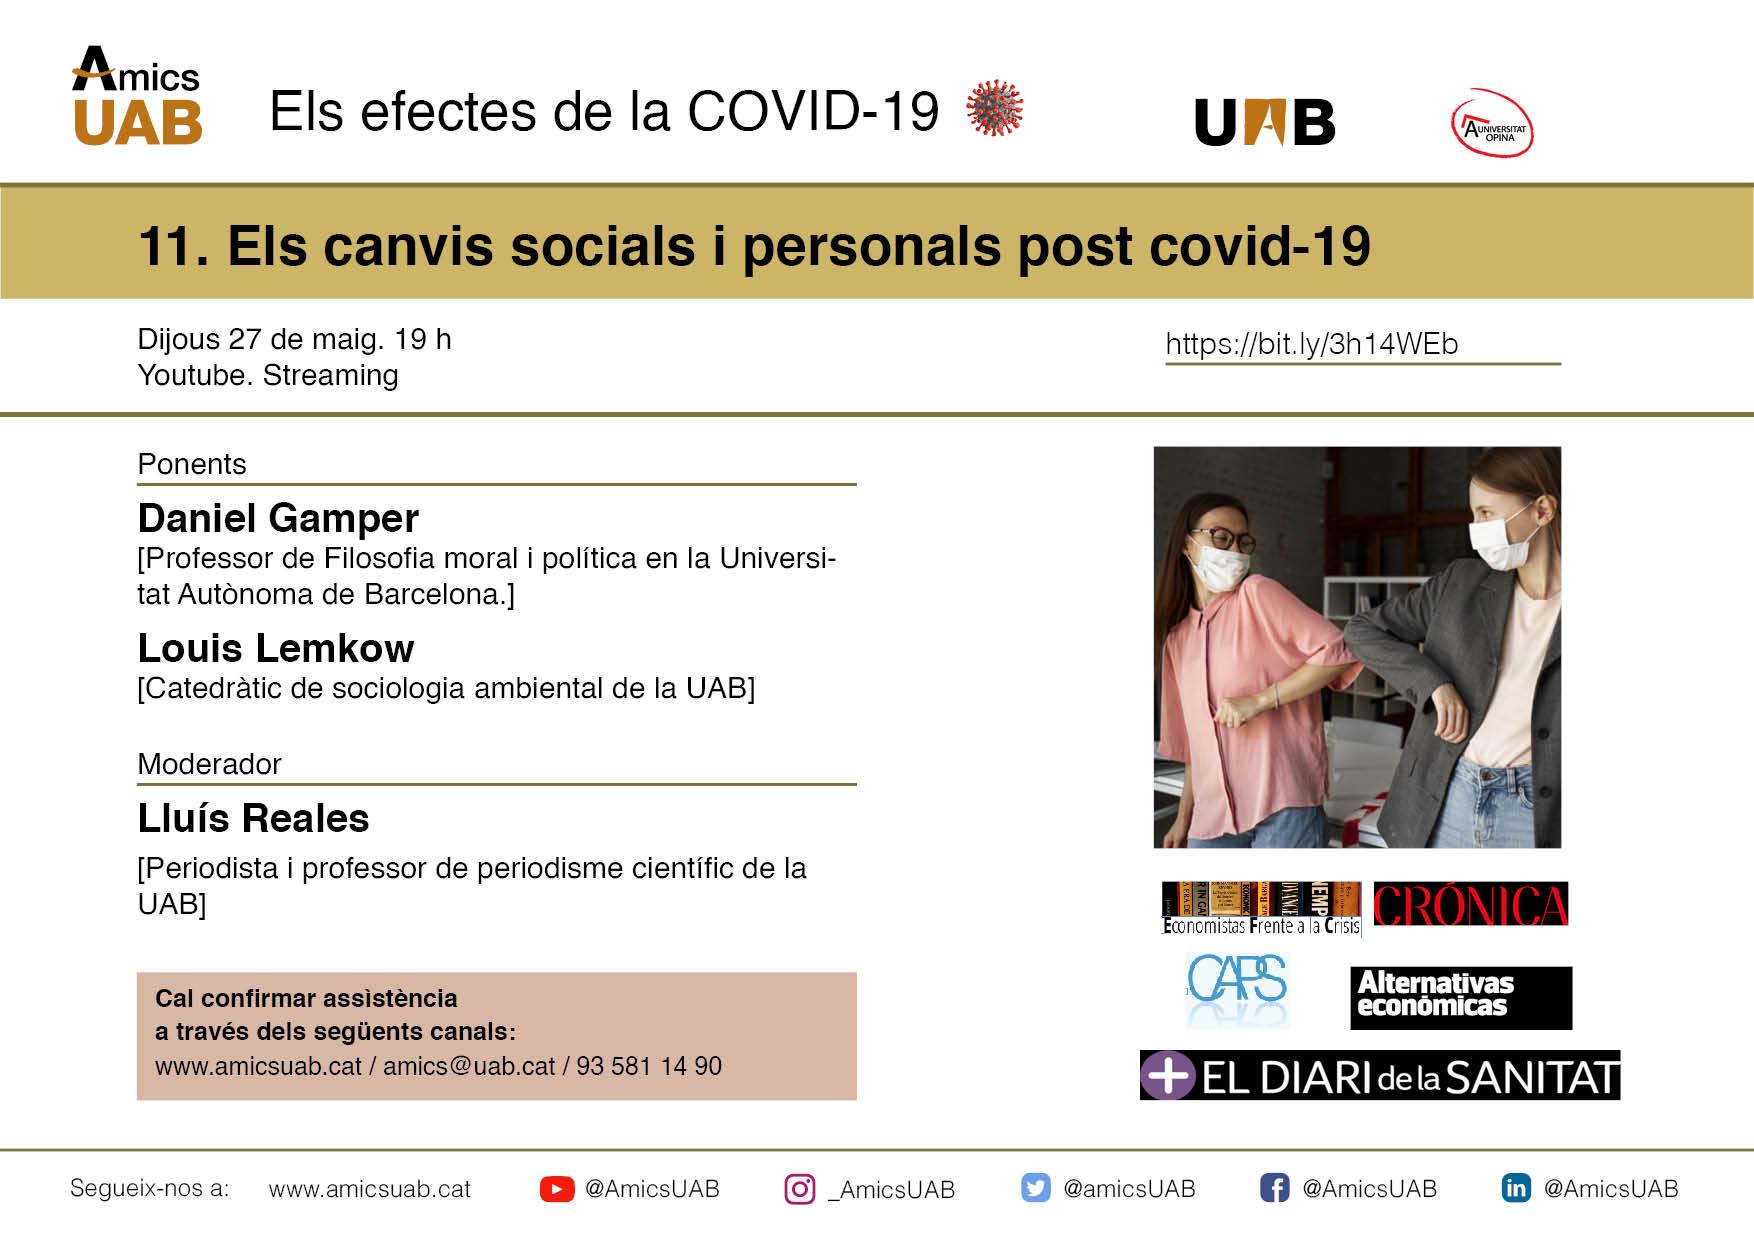 Sessió 11. Els canvis socials i personals post covid-19